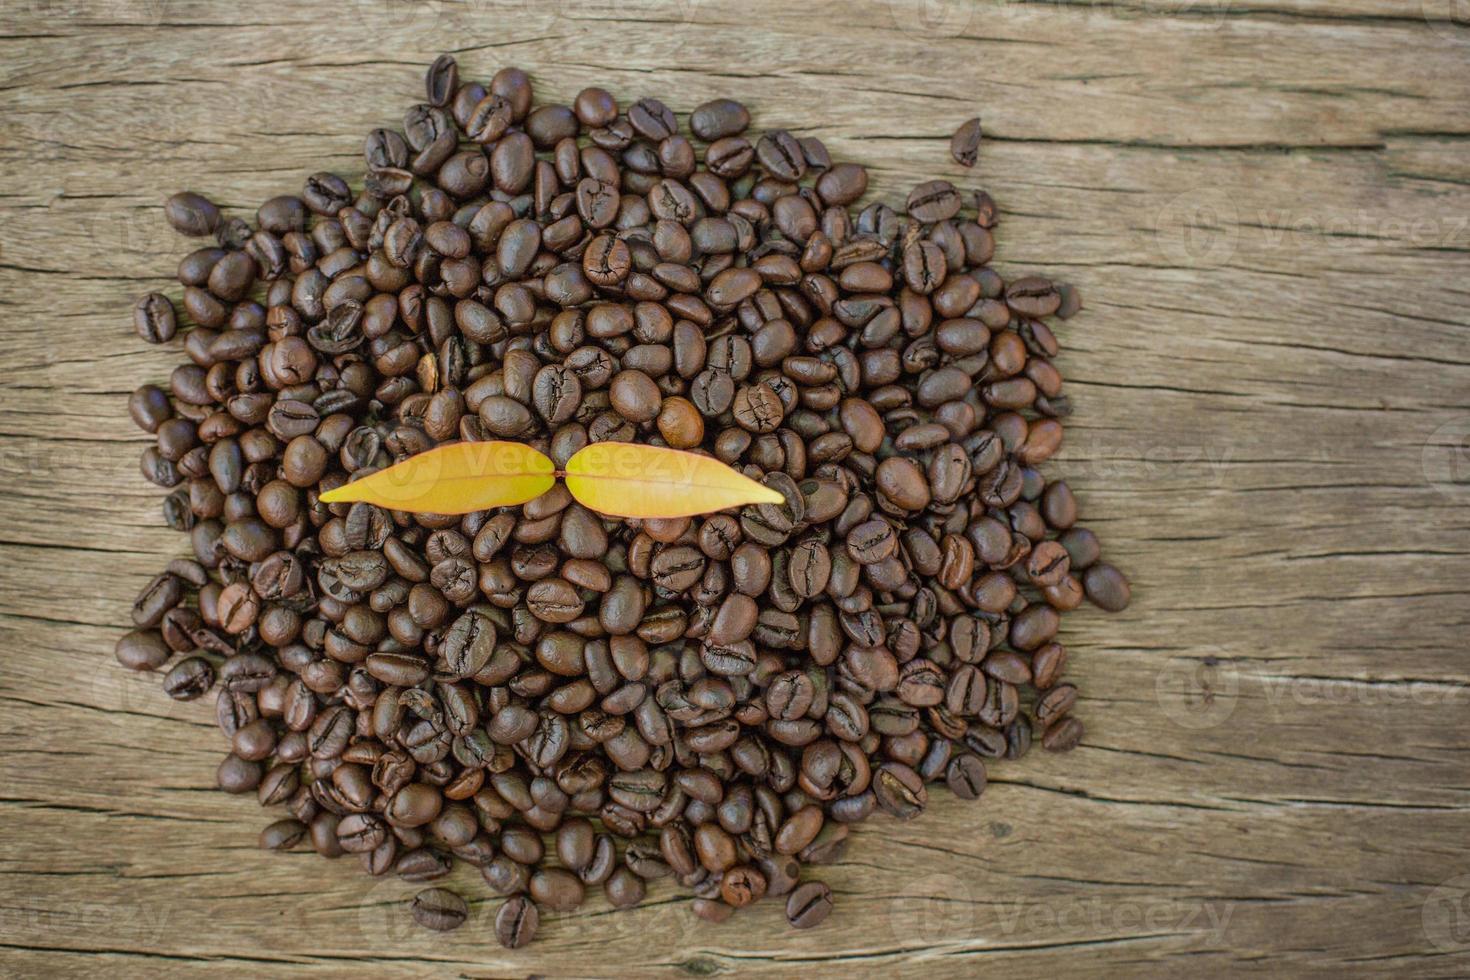 koffieboon op een houten tafel en koffieplant foto